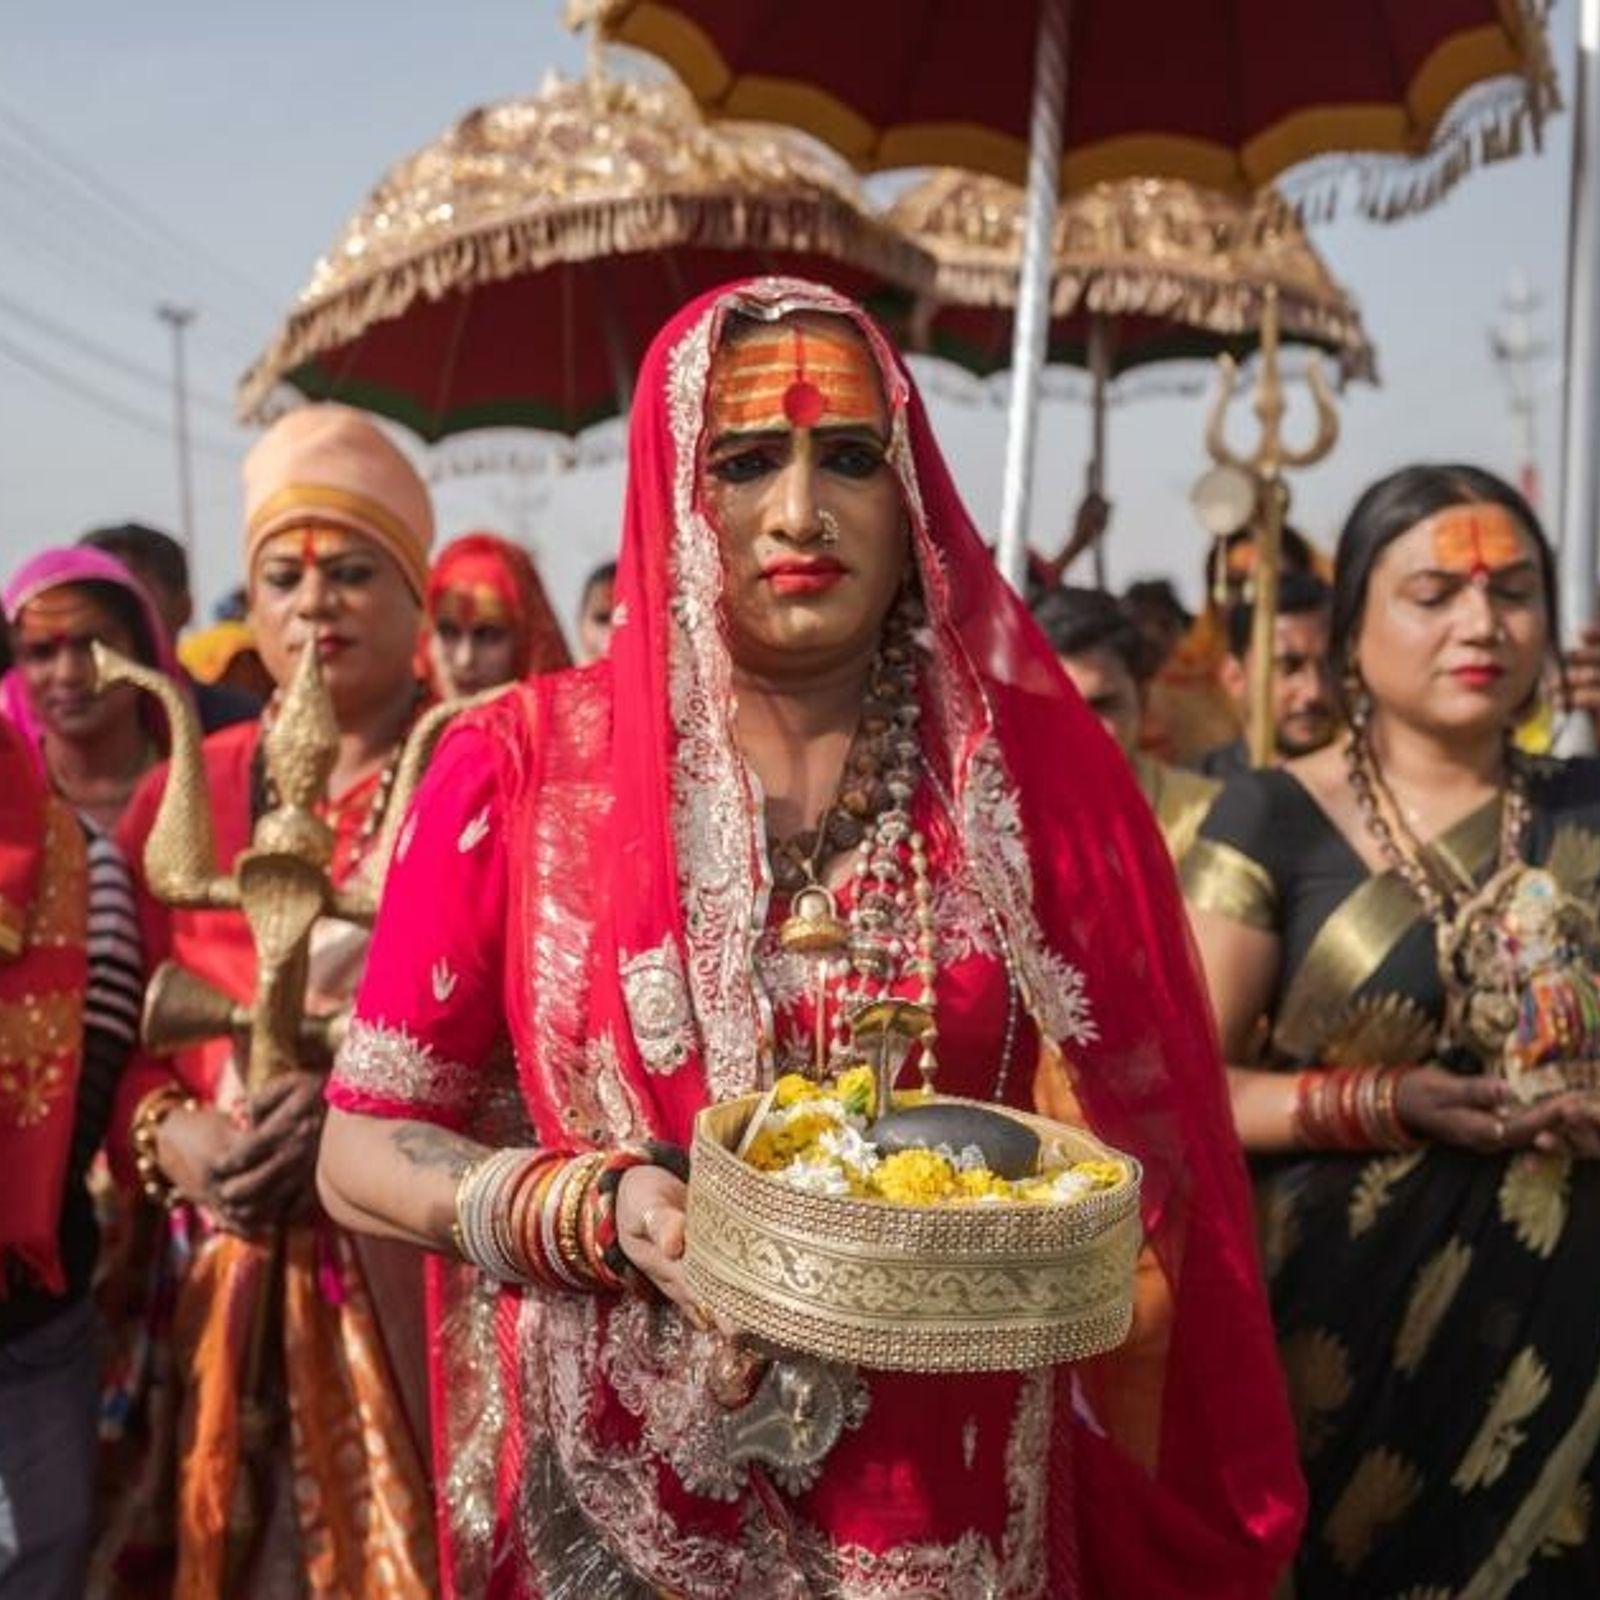 Die Transgender-Aktivistin Laxmi Narayan Tripathi führt eine religiöse Prozession während der Ardh Kumbh Mela 2019 an, ...